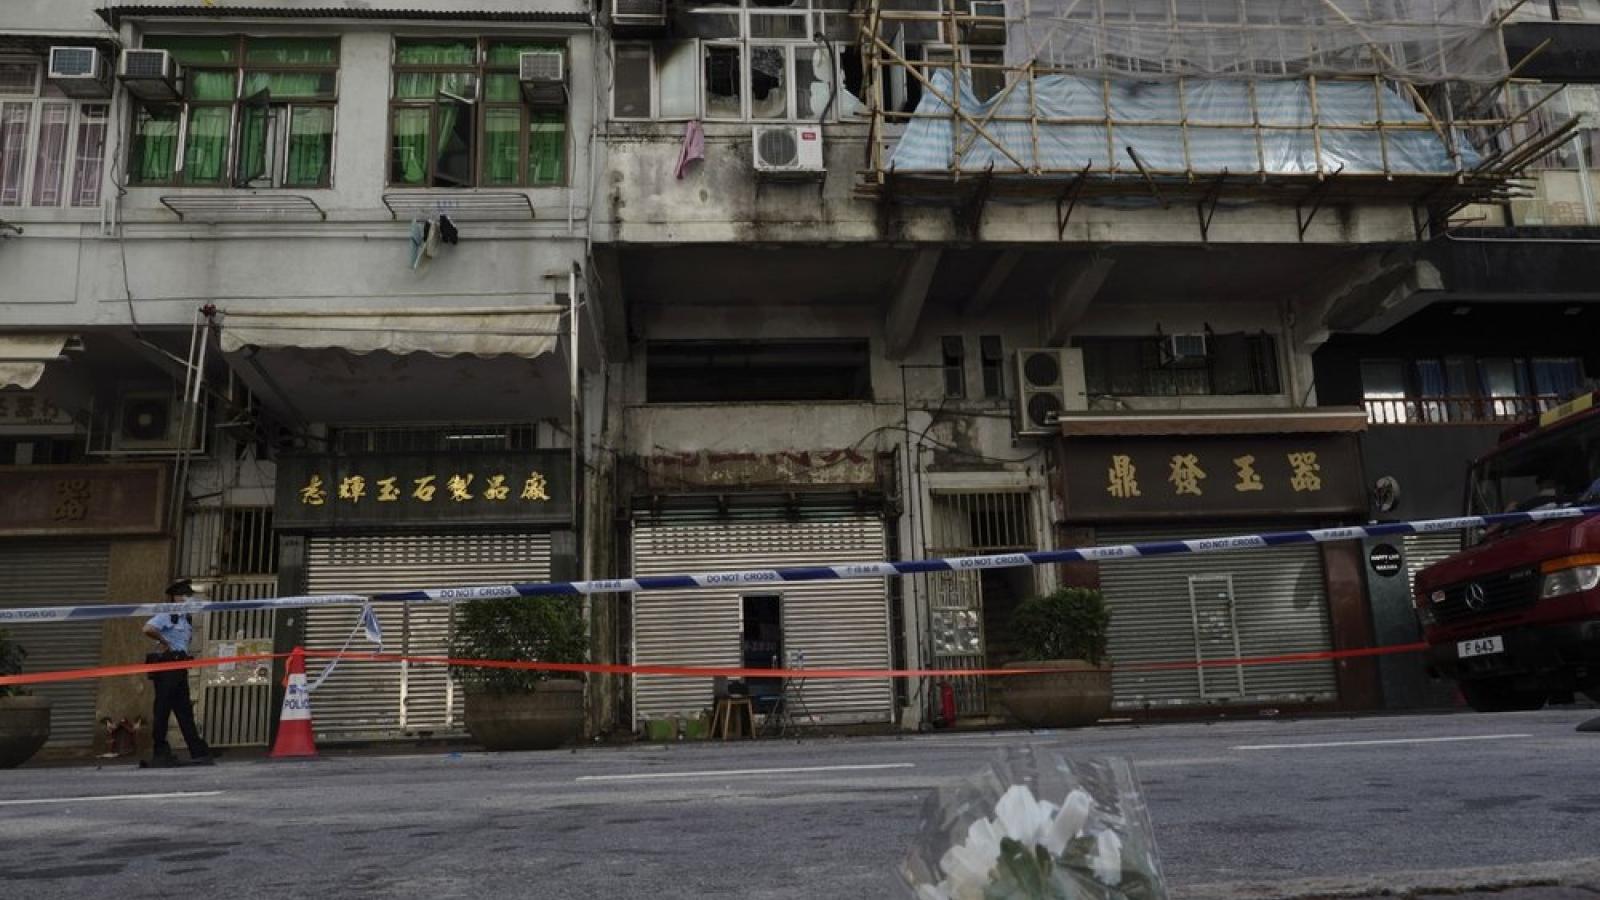 Cháy chung cư ở Hong Kong (Trung Quốc): 7 người thiệt mạng, 7 người nguy kịch